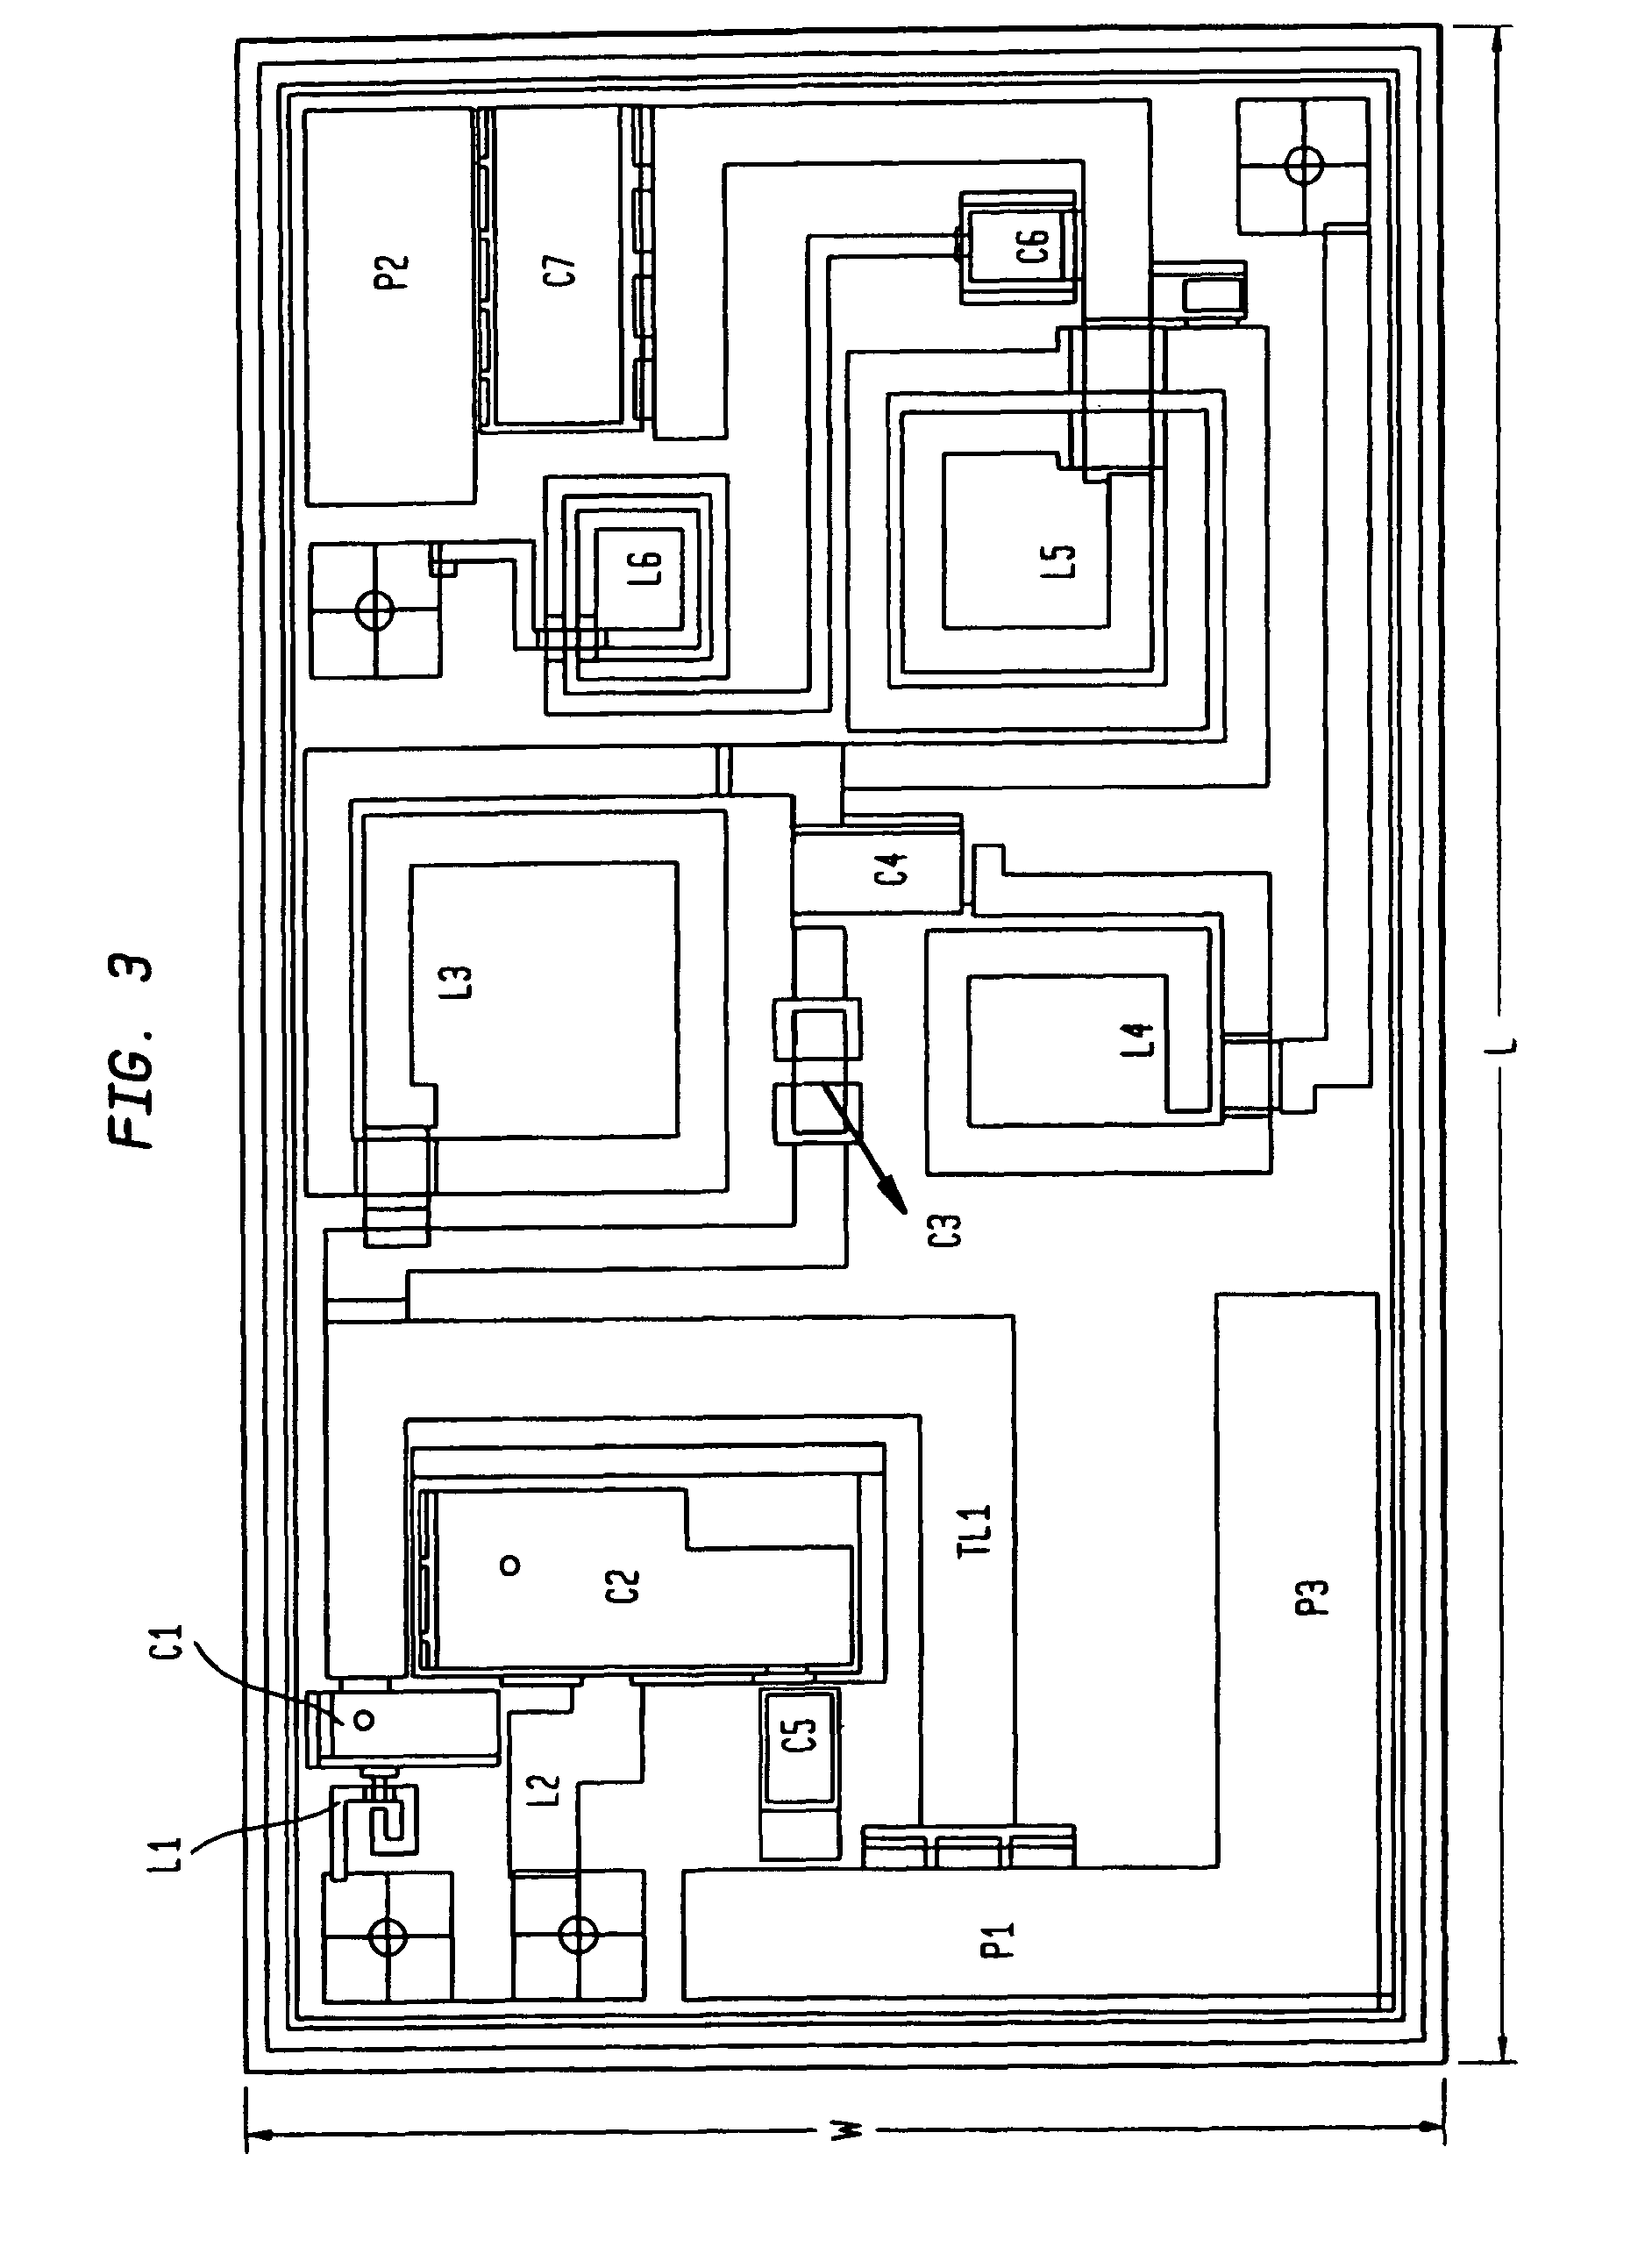 patent us7957706